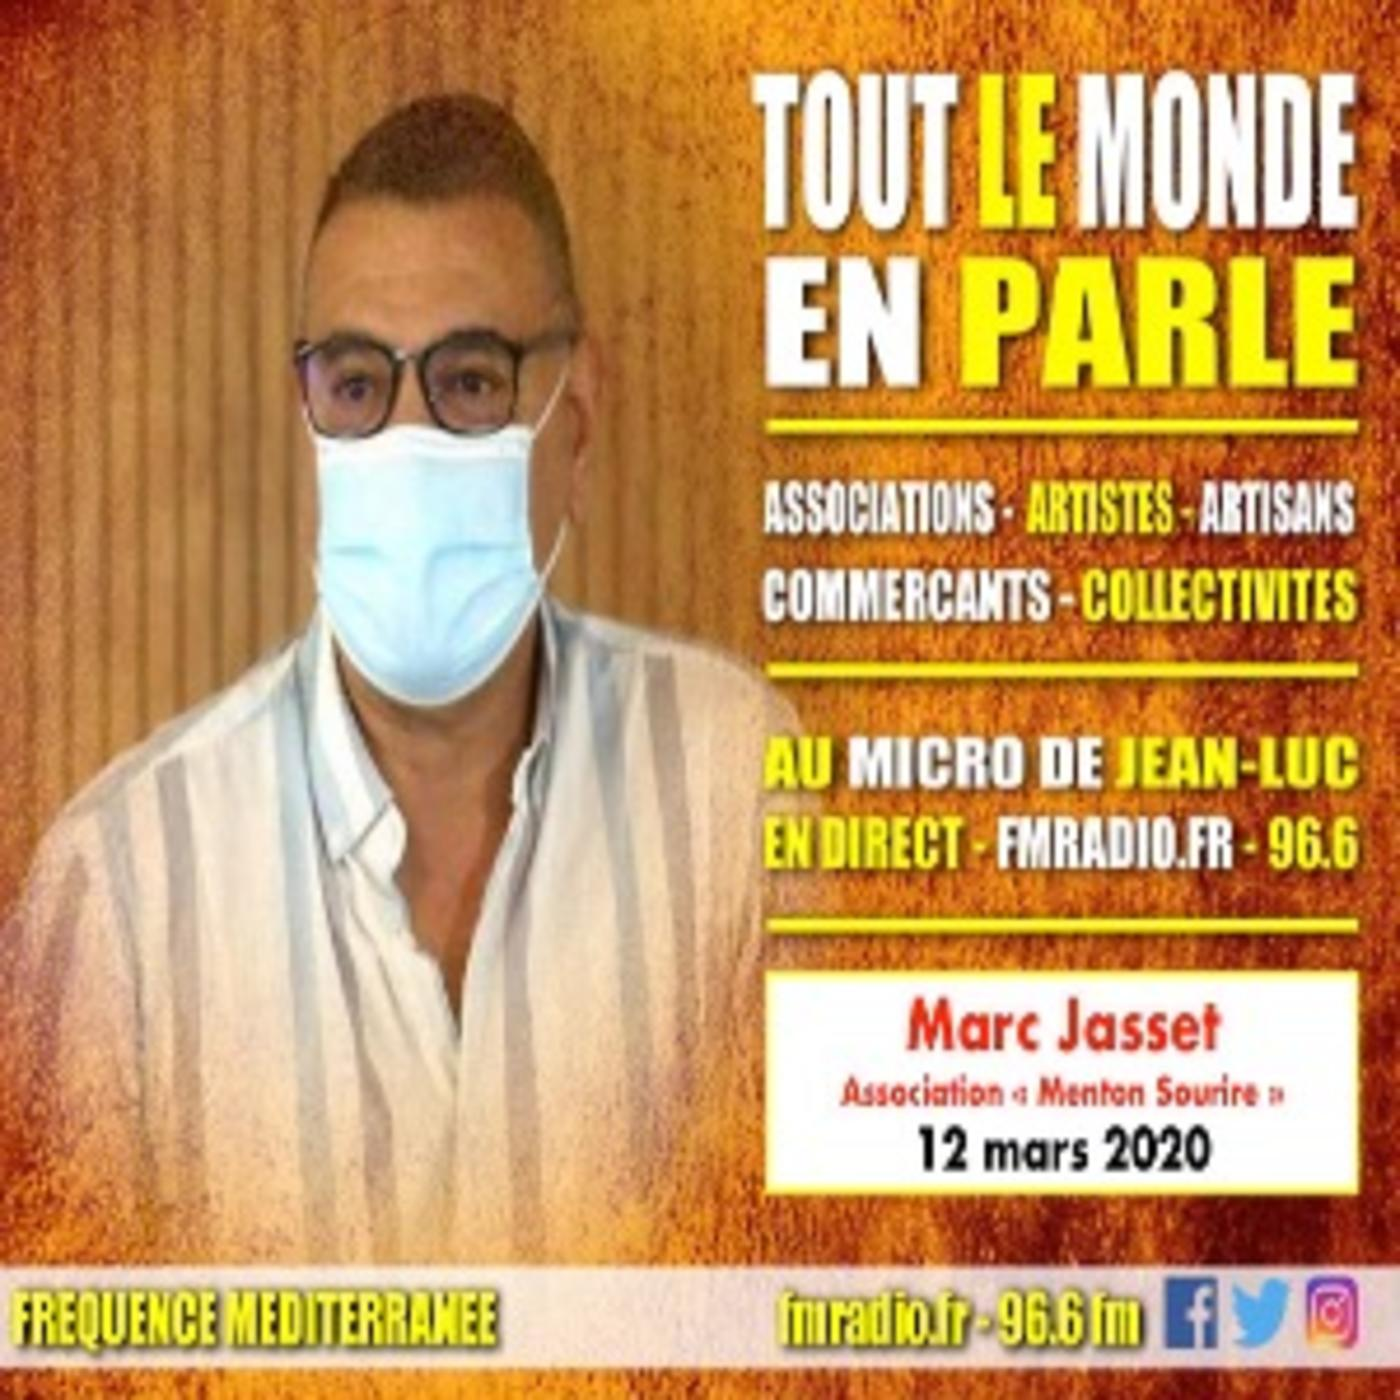 """Invité - M. Marc Jasset, Président de l'association """" MENTON SOURIRE """""""